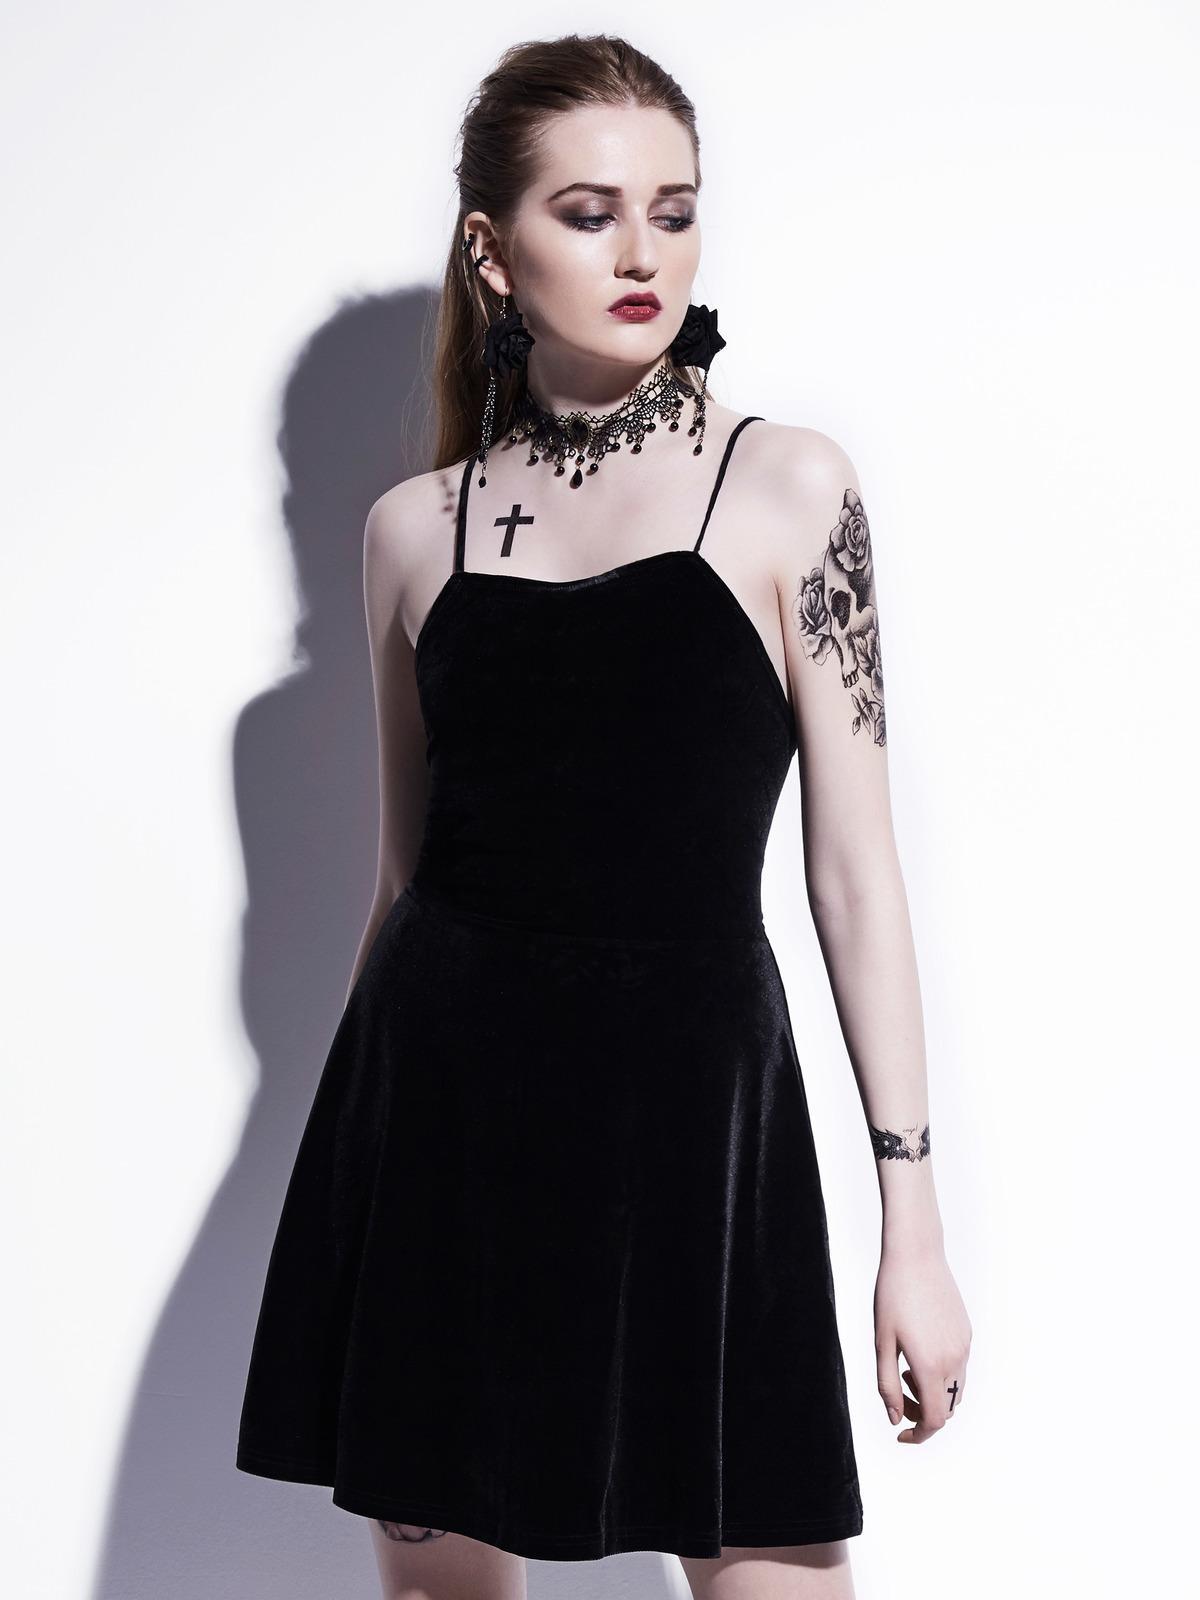 4a3a45cf87ddf Satın Al Gotik Mini Elbise 2018 Siyah Yaz Kadın Seksi Kısa Elbise Kadife  Backless Dantel Up Spagetti Kayışı A Line Goth Elbiseler, $22.27 |  DHgate.Com'da